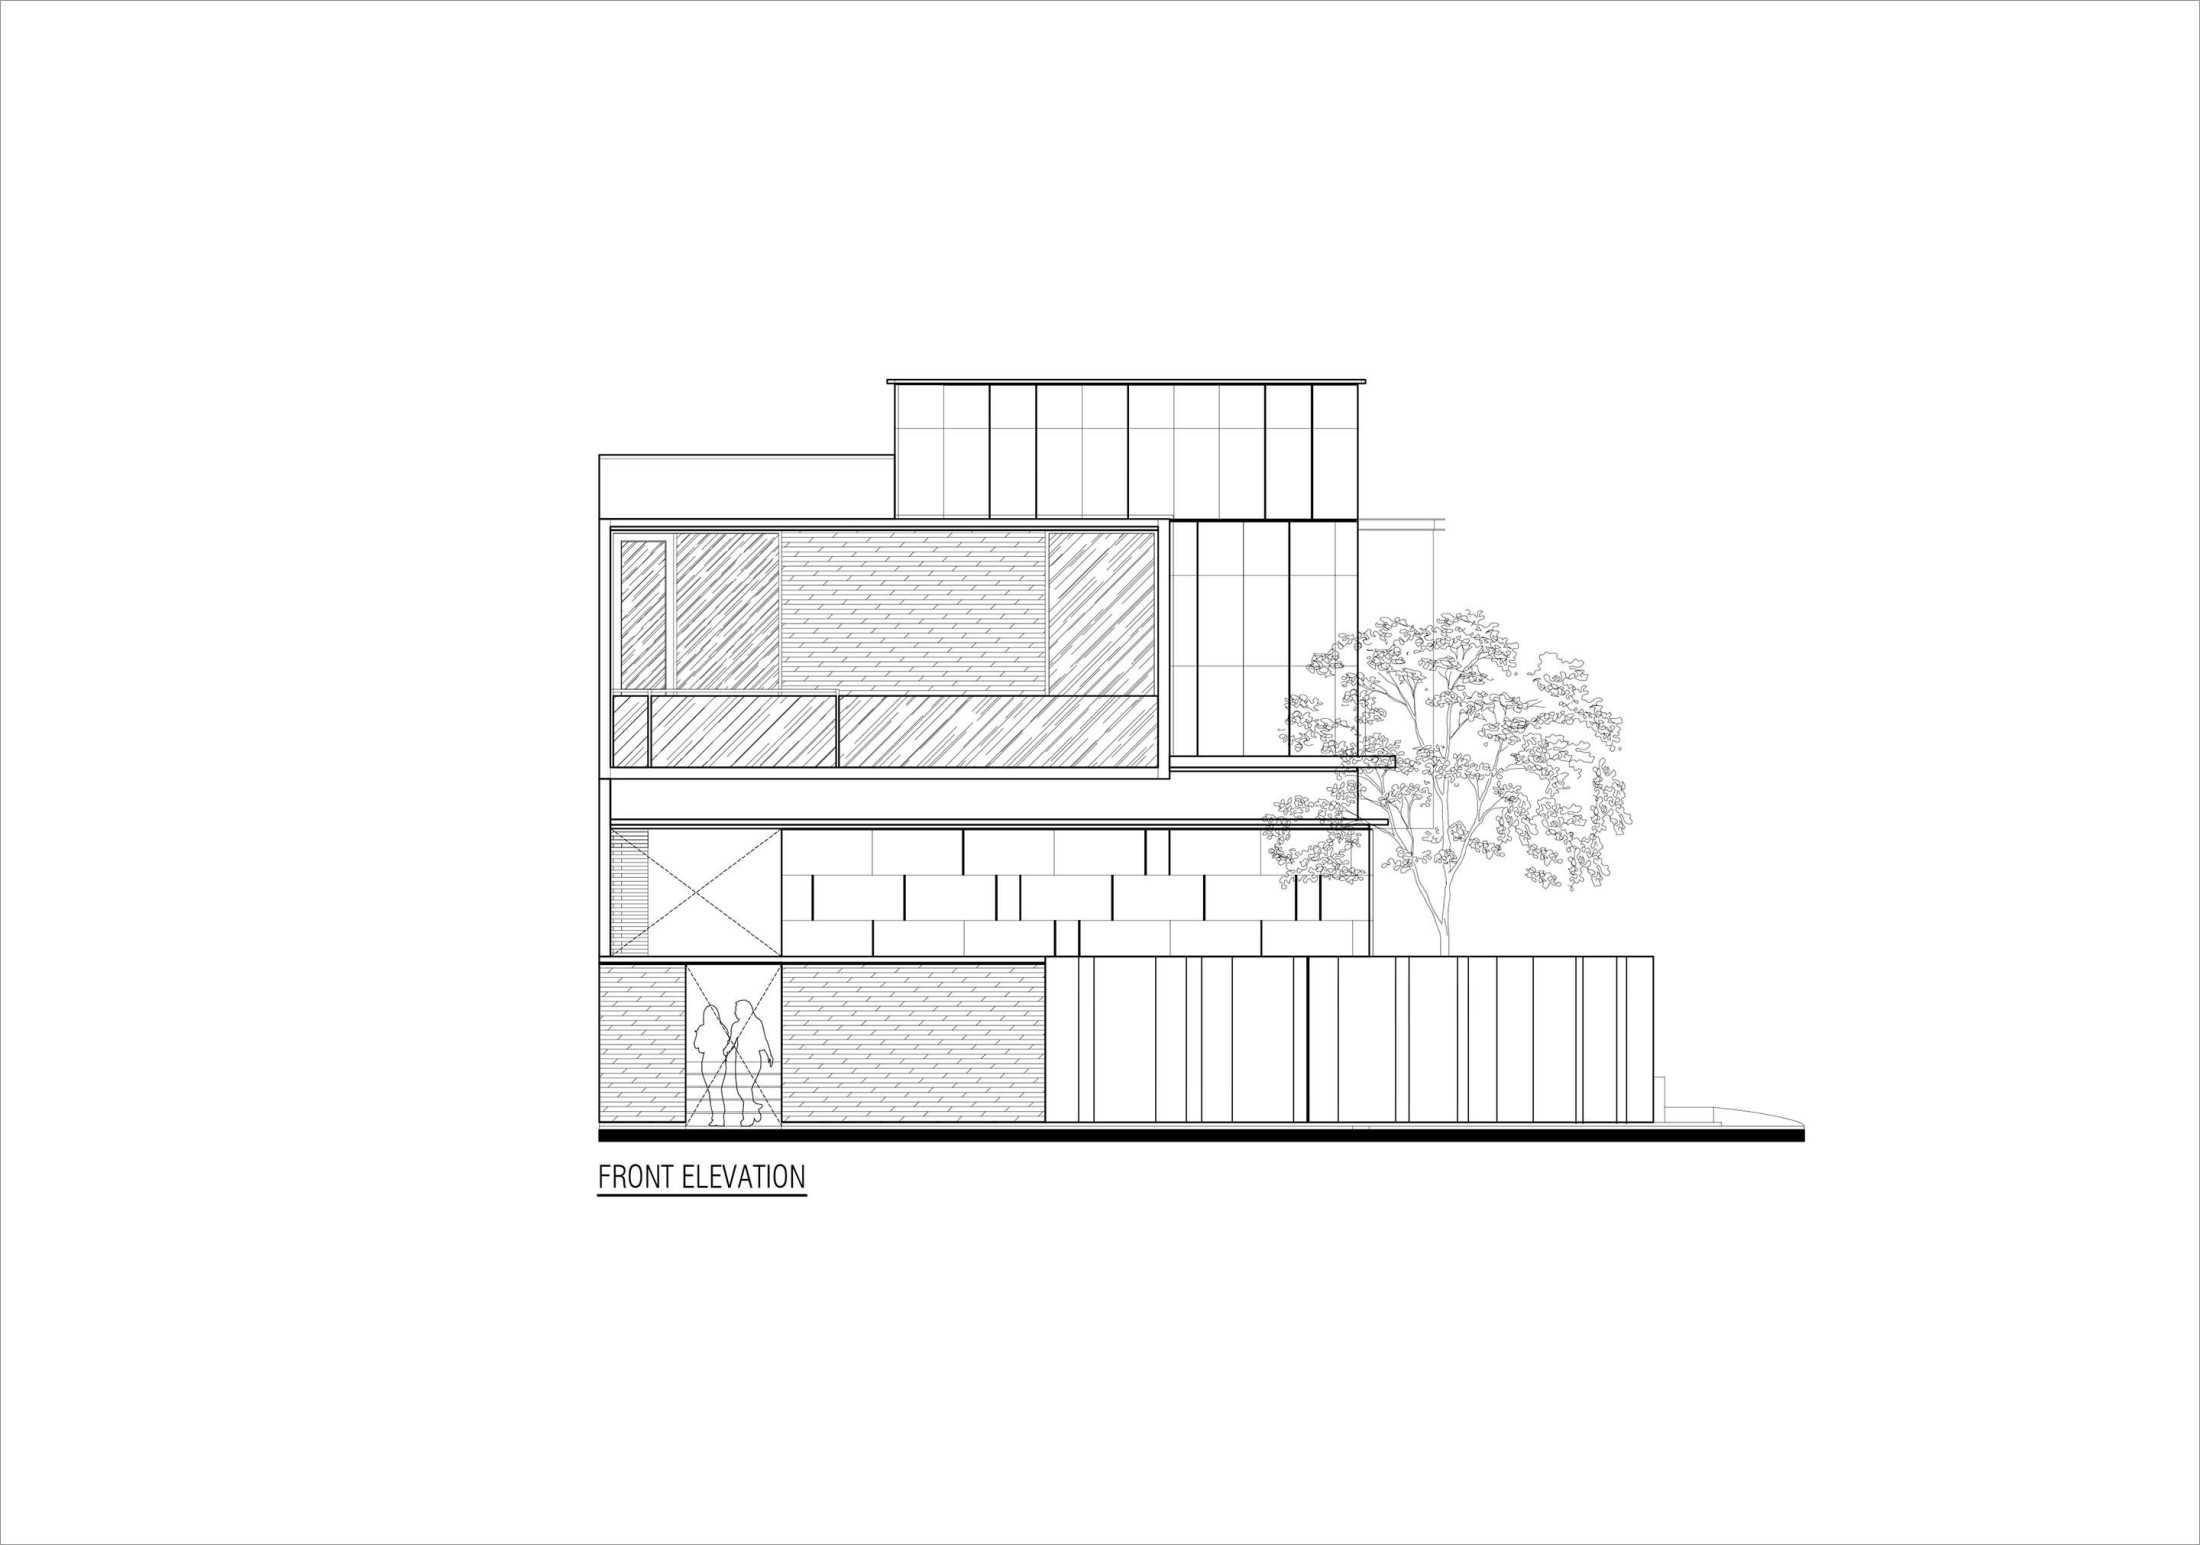 Y0 Design Architect J House Pd. Candra, Wadungasri, Kec. Waru, Kabupaten Sidoarjo, Jawa Timur, Indonesia Pd. Candra, Wadungasri, Kec. Waru, Kabupaten Sidoarjo, Jawa Timur, Indonesia Yohanes-Iswara-Limandjaya-J-House  121001